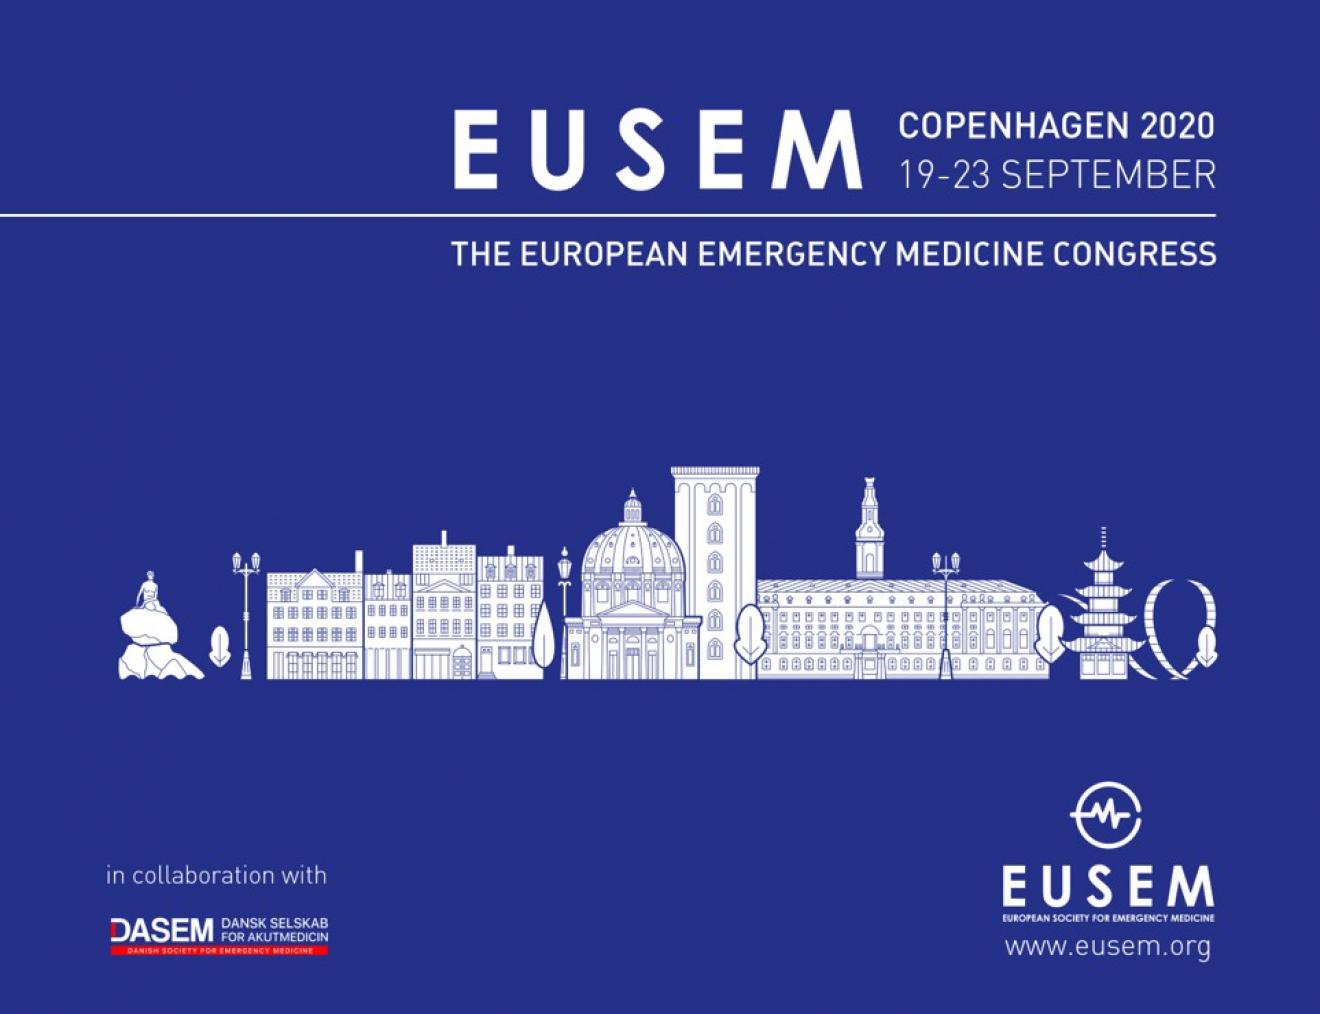 EUSEM Copenhagen 2020 19-23 September